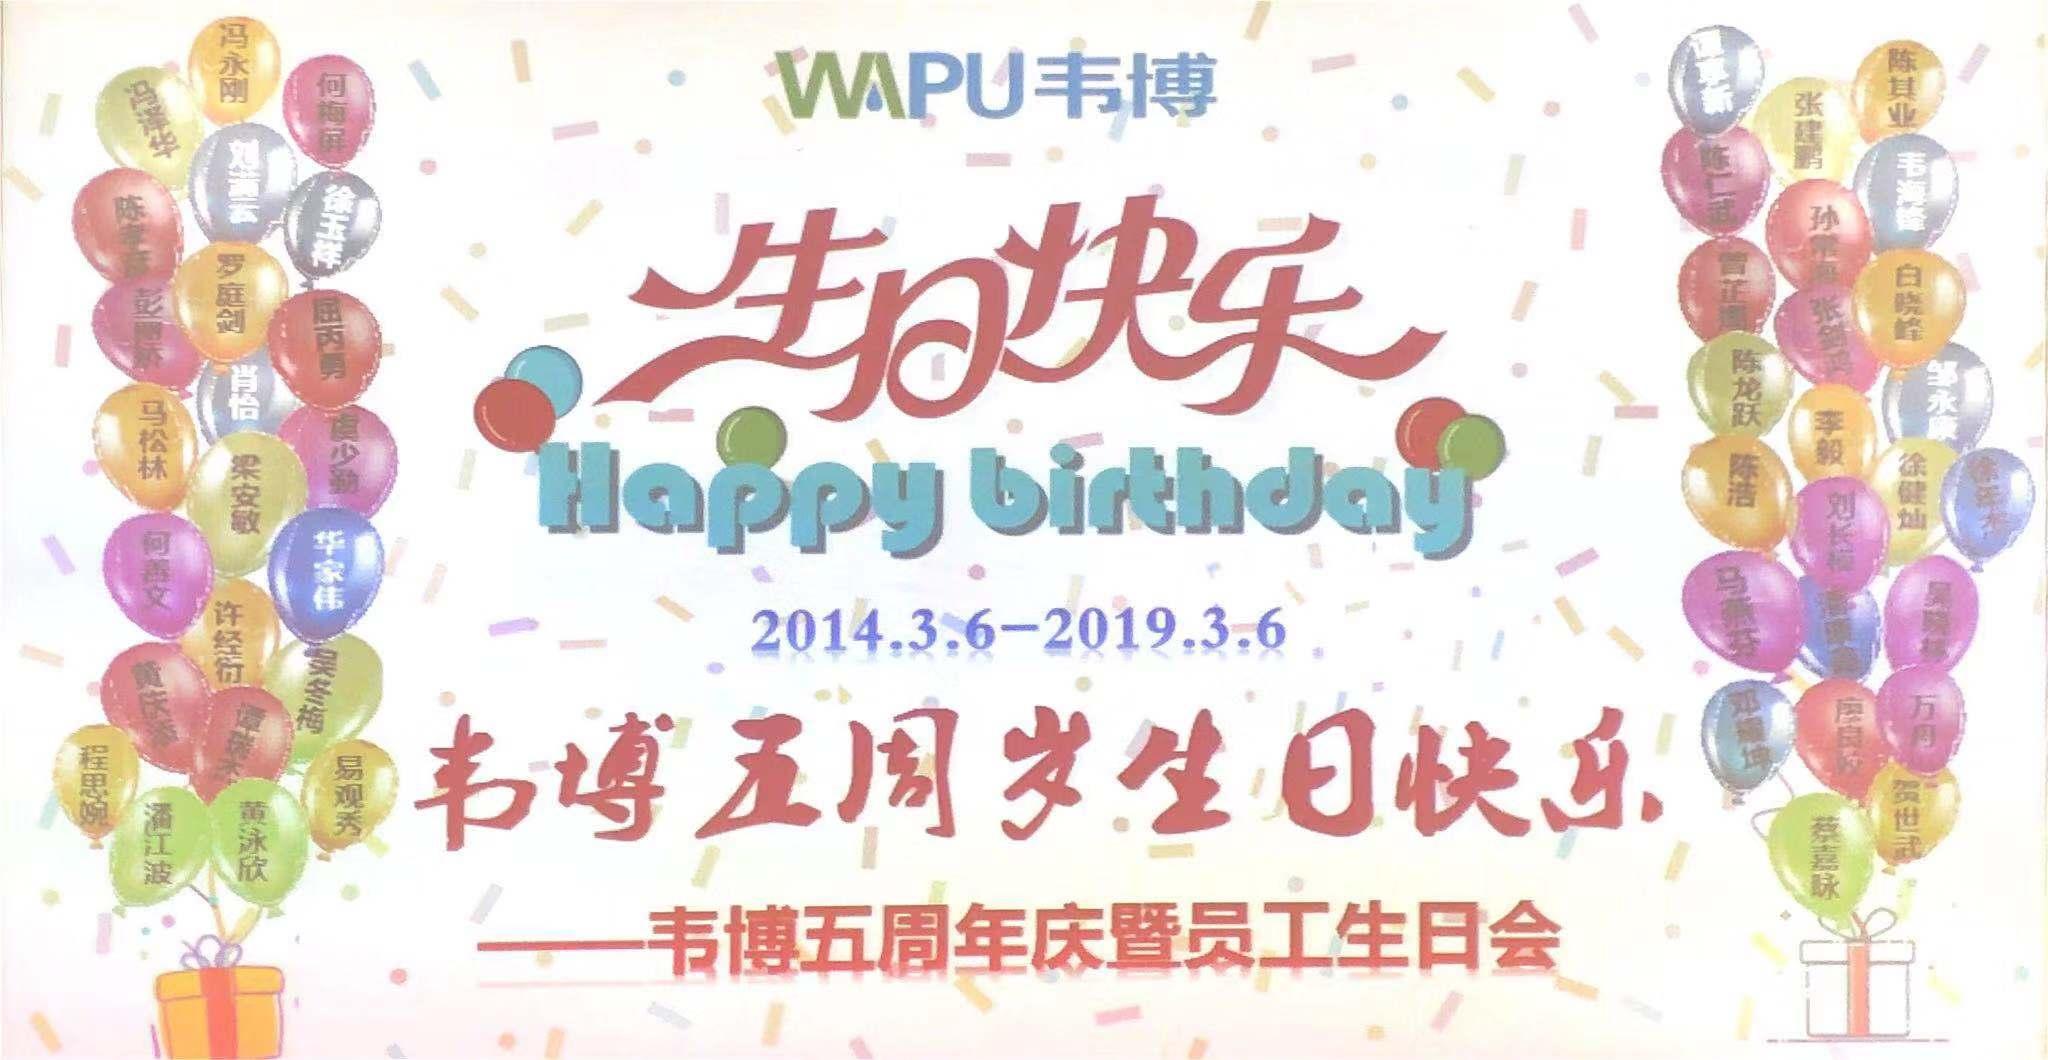 【一起战·一起赢】韦博五周年,我们同心前行!